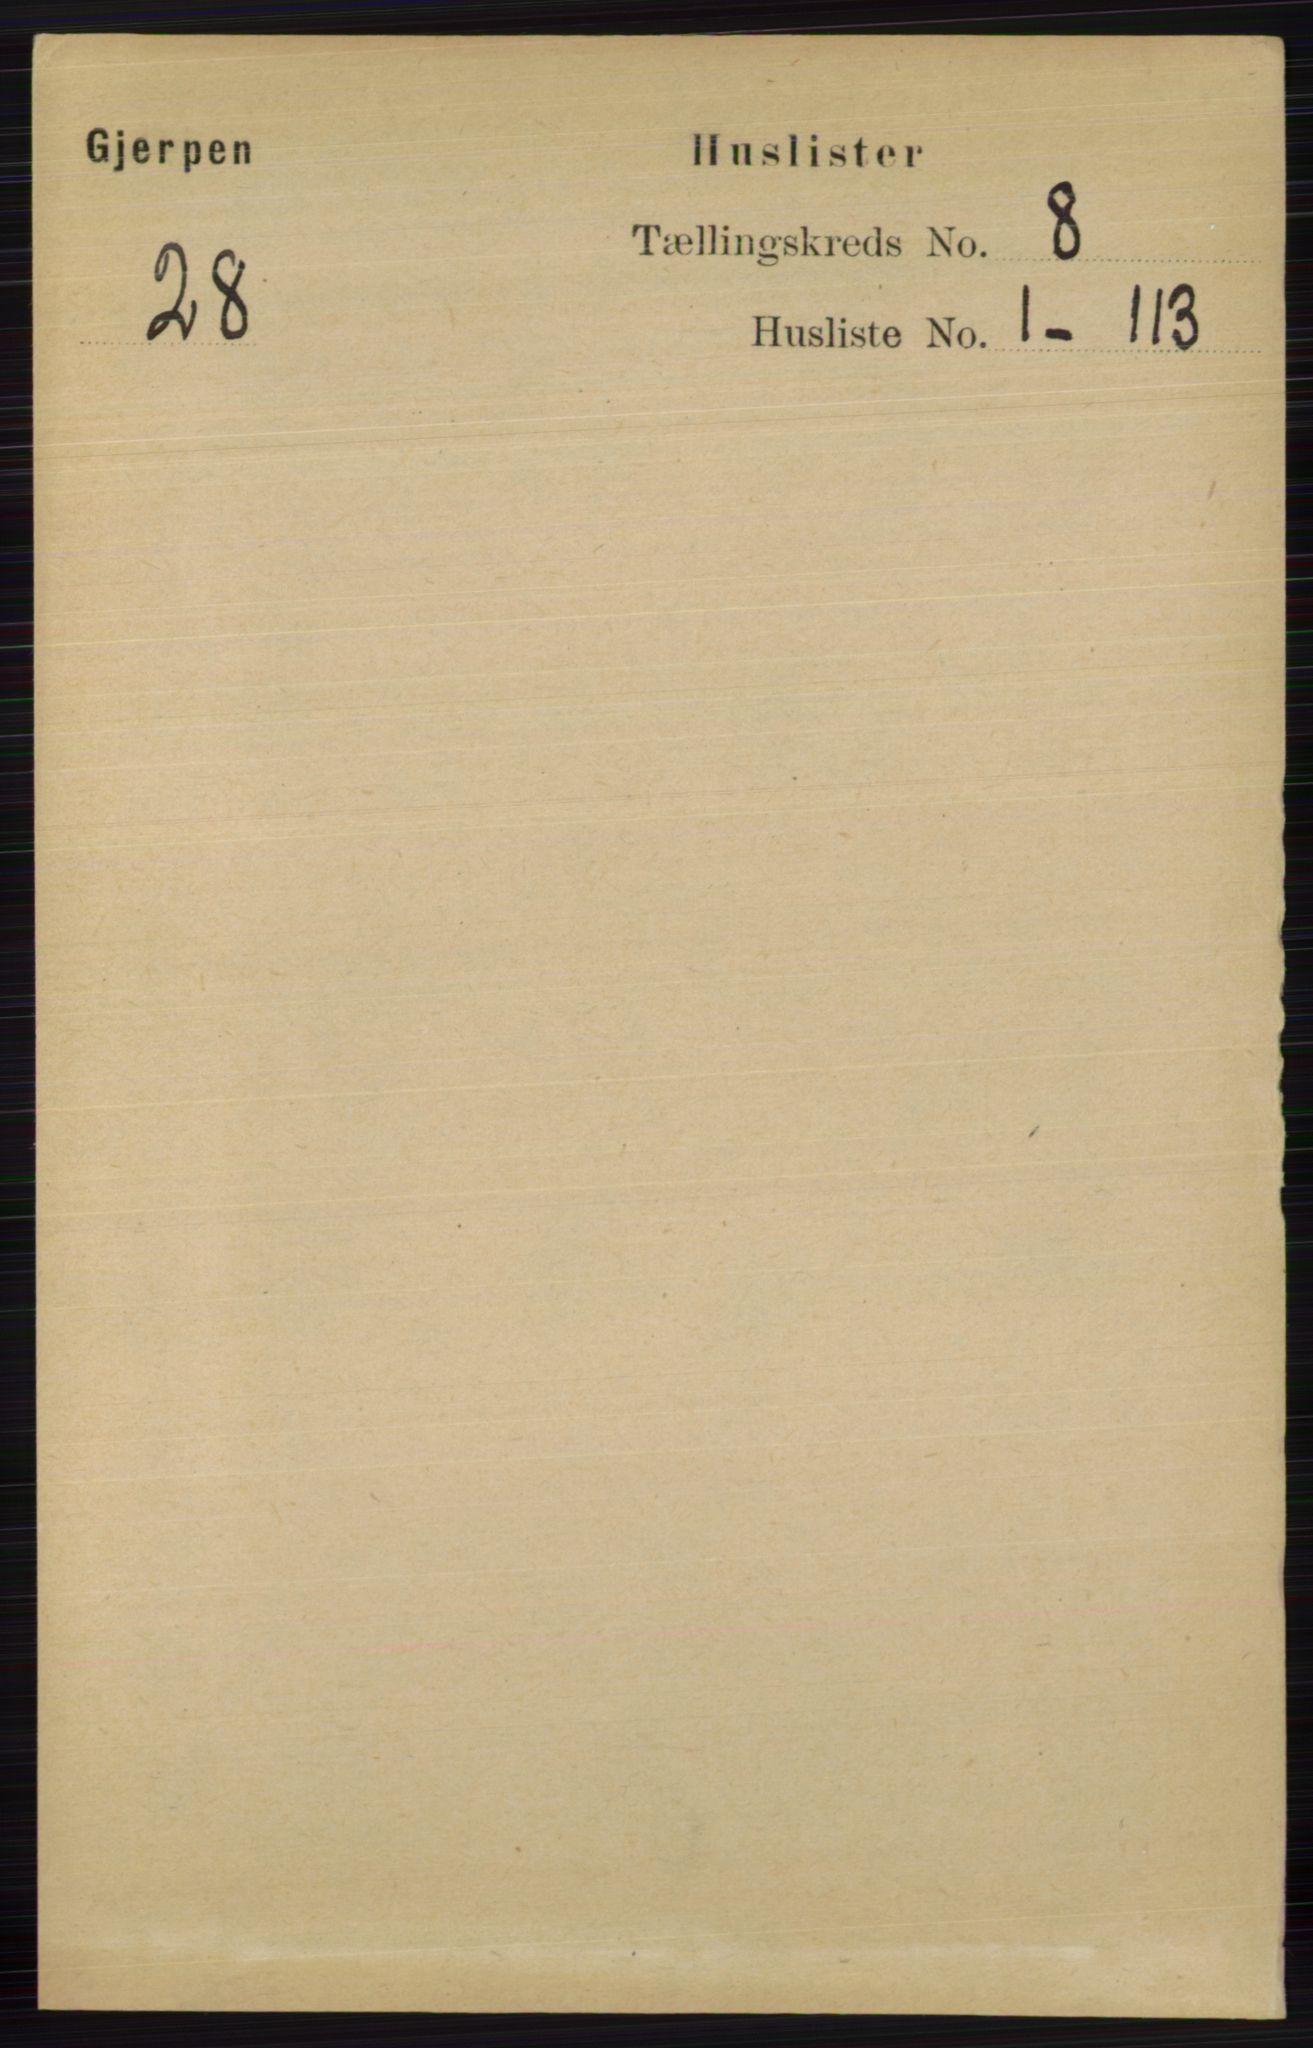 RA, Folketelling 1891 for 0812 Gjerpen herred, 1891, s. 3892